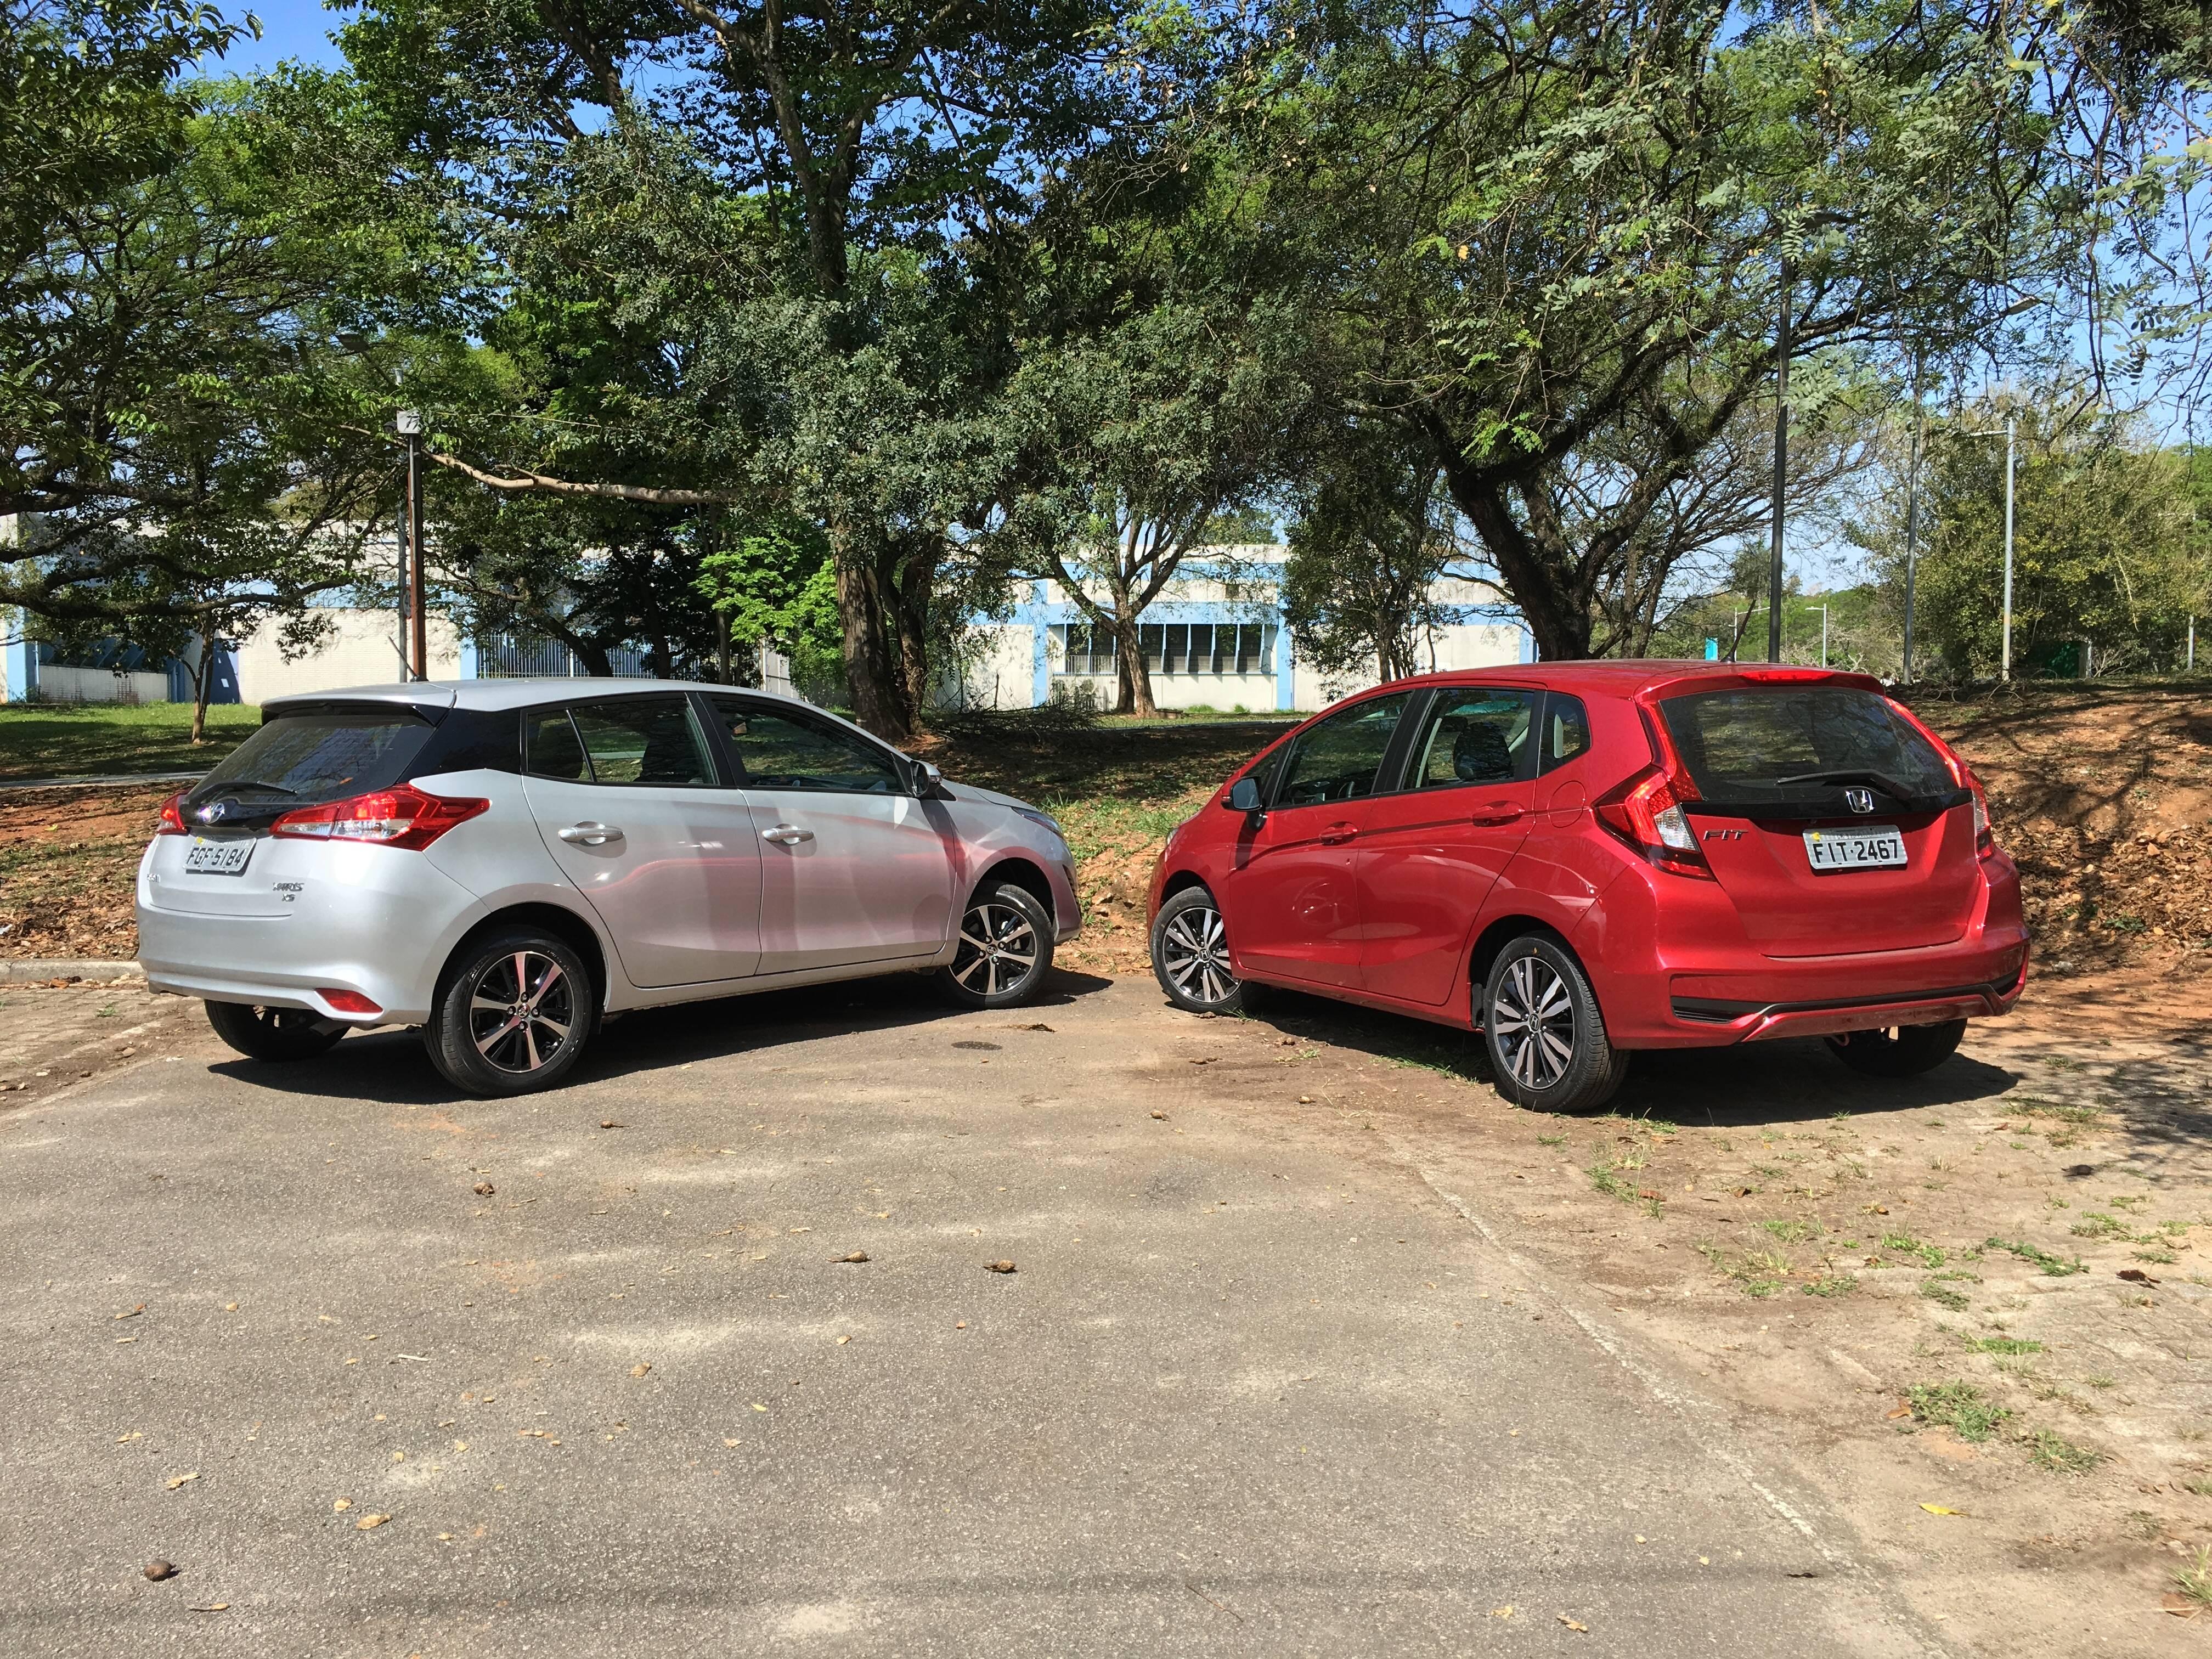 Honda Fit EX-L 2019. Foto: Caue Lire/iG Carros